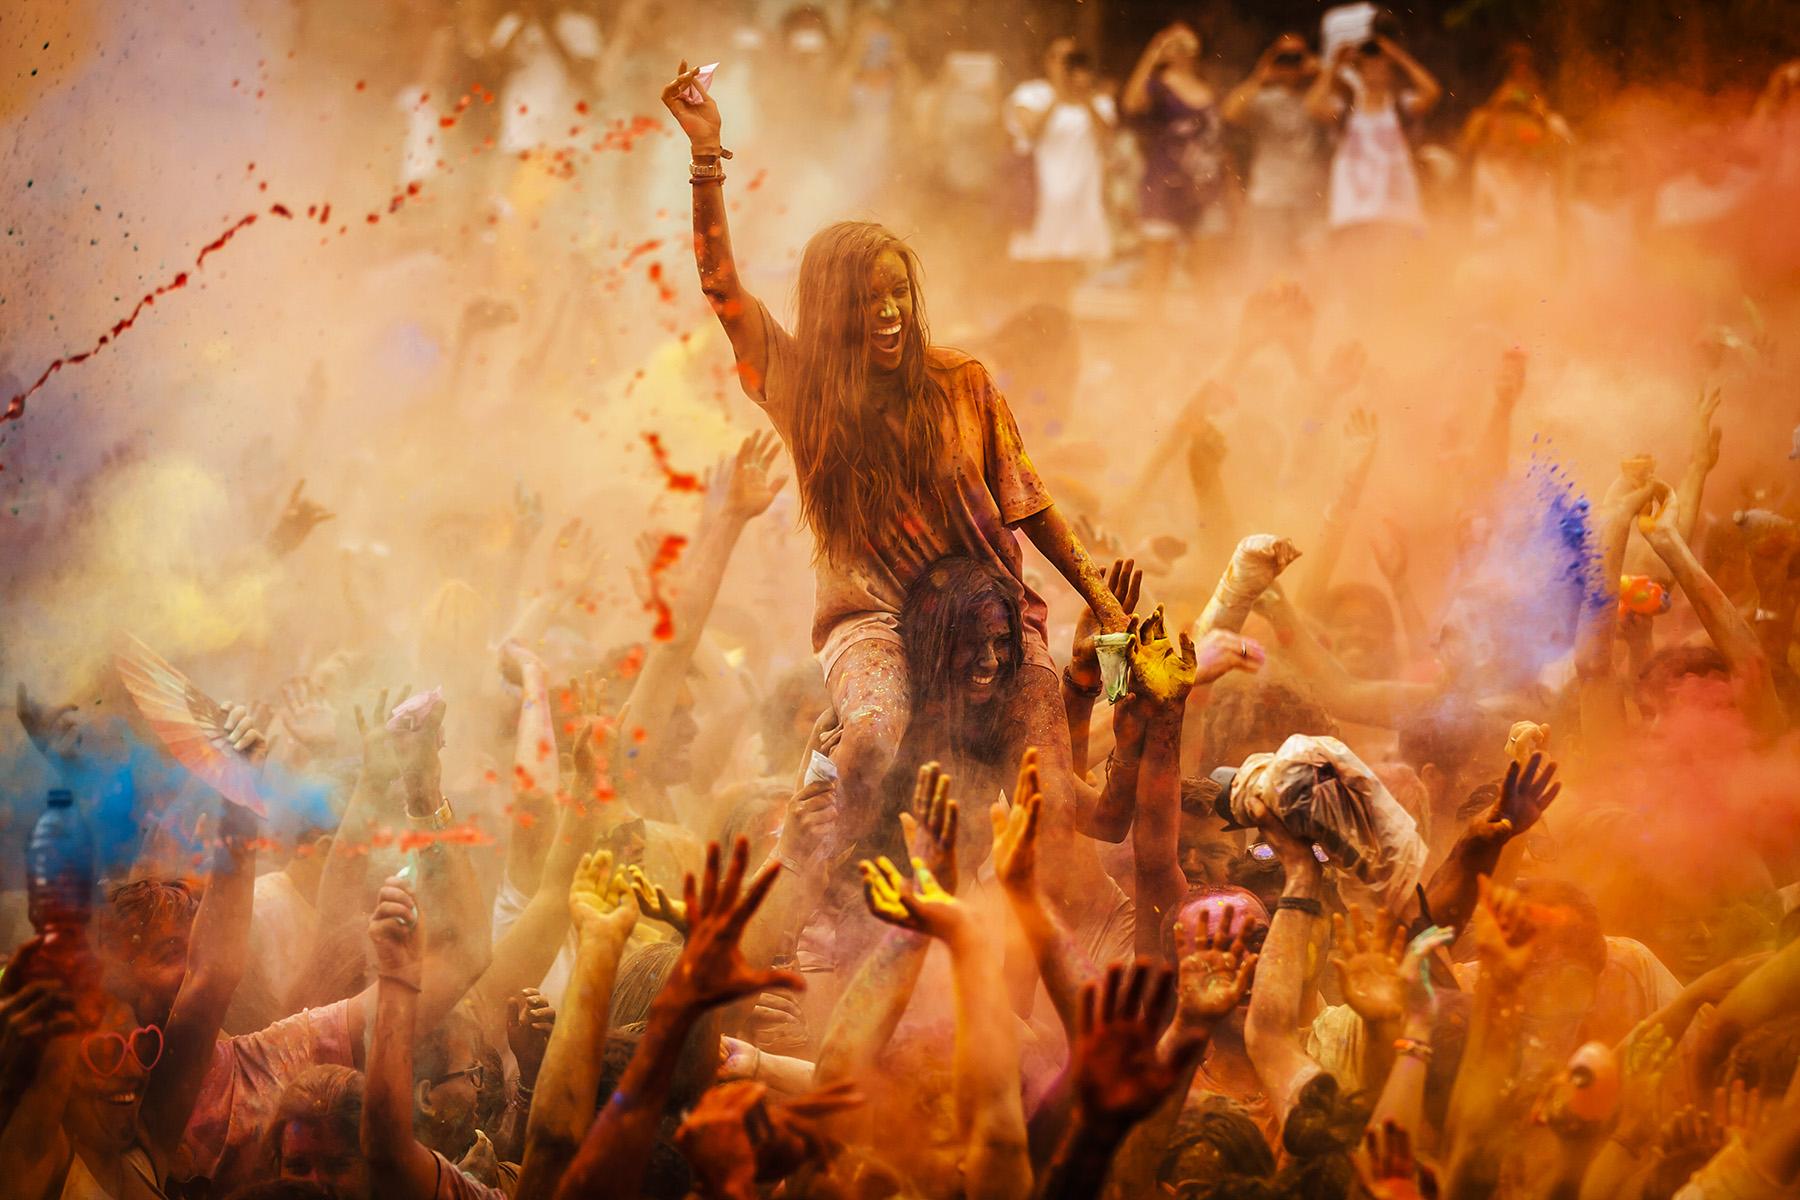 FOTOCAM 2015Fiesta de Monzon en LavapiesCientos de personas se han dado cita esta tarde en la plaza de Agustín Lara, en el madrileño barrio de Lavapiés, para disfrutar de una lluvia de colores.Se trata de la primera edición del Monsoon Holi Madrid o Fiesta de los Monzones, una refrescante versión del festival hindú que celebra la primavera, en la que los participantes se han bañado en agua mezclada con cientos de kilos de polvo coloreado ('gulaal') traídos de India.© Alberto R. Roldan / La Razon09.08.2014